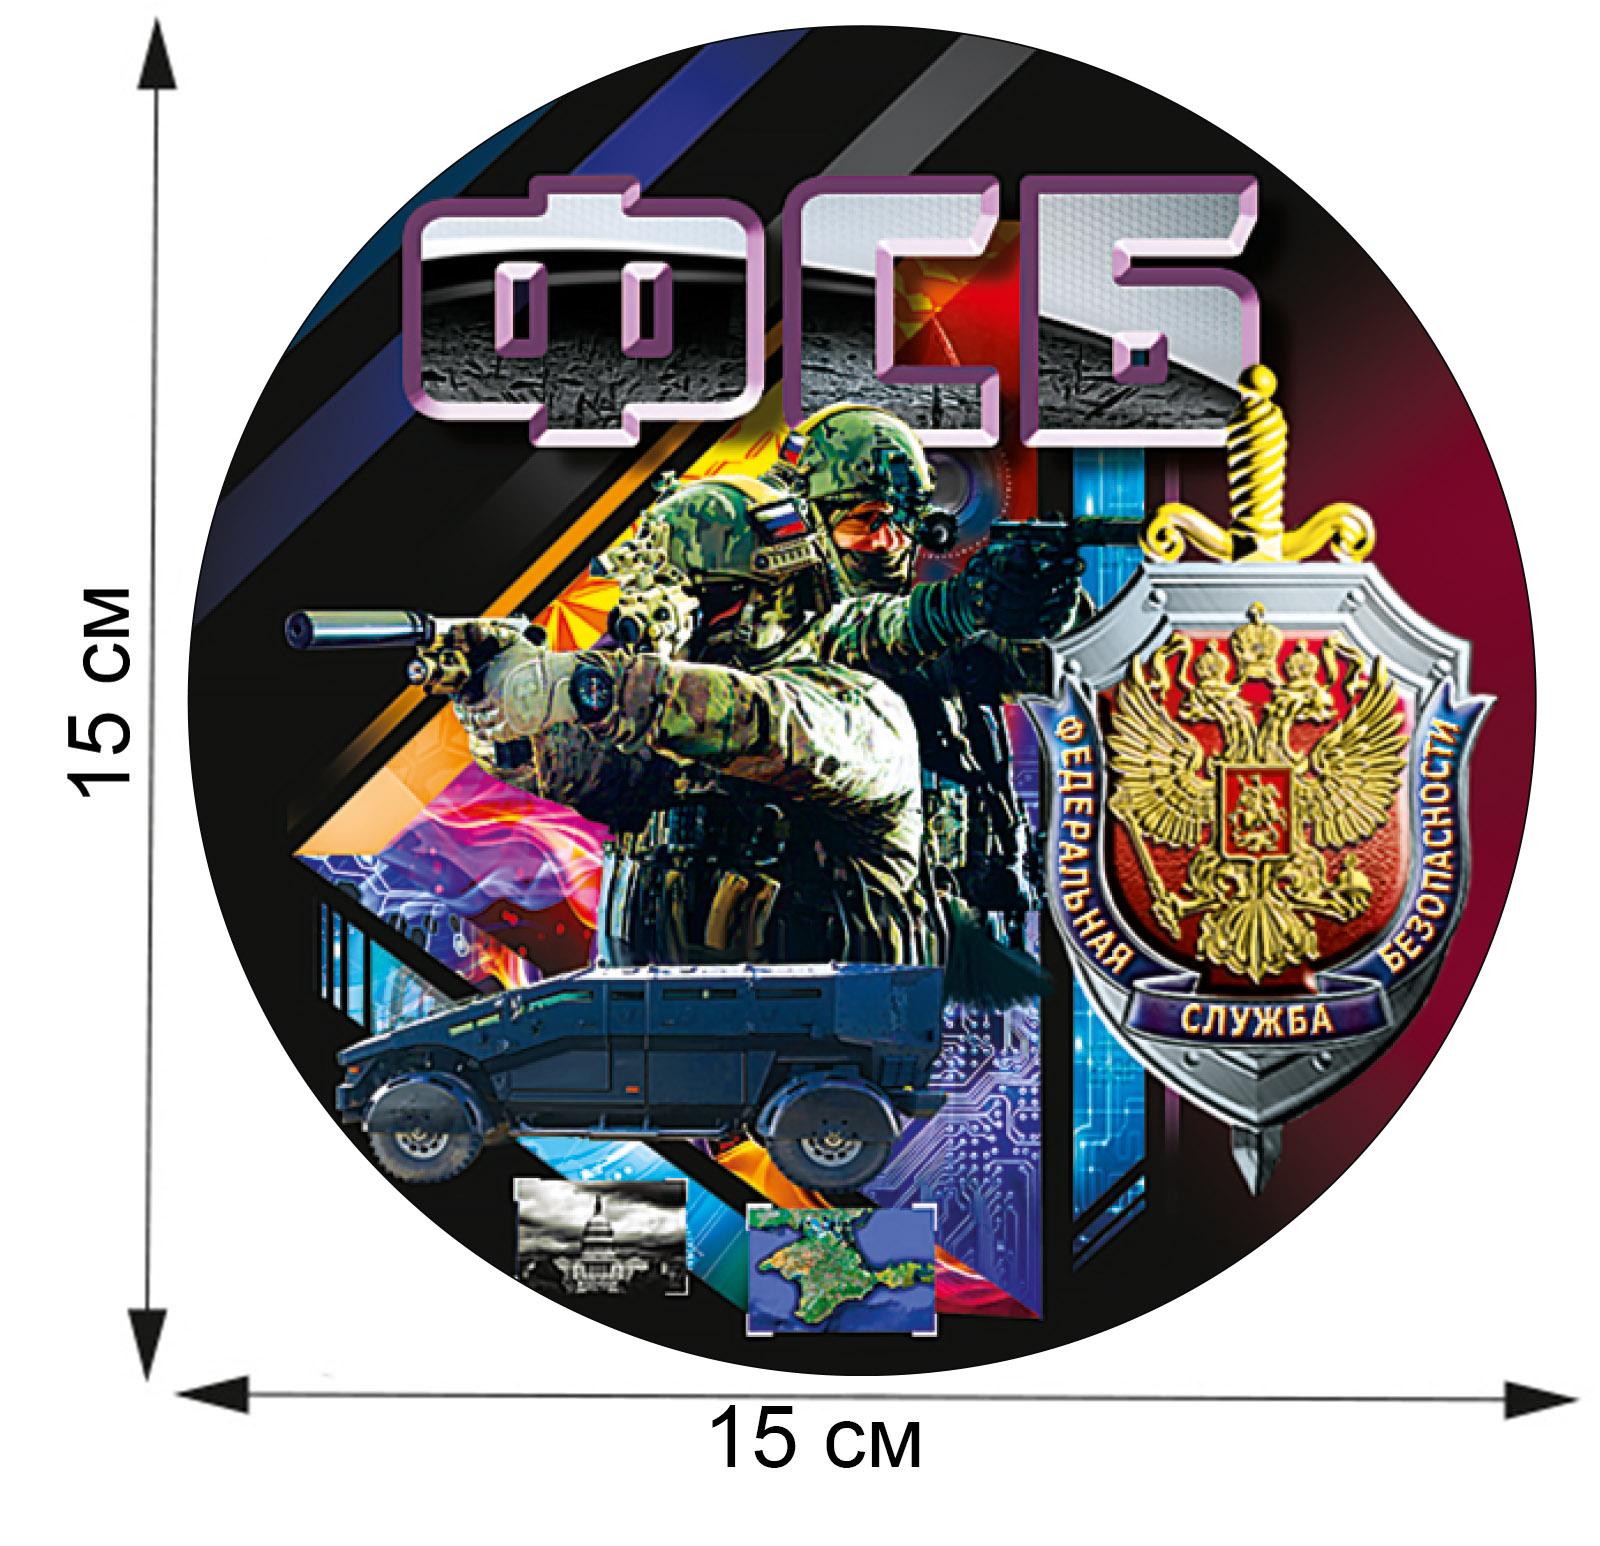 Оригинальная наклейка ФСБ авторского дизайна